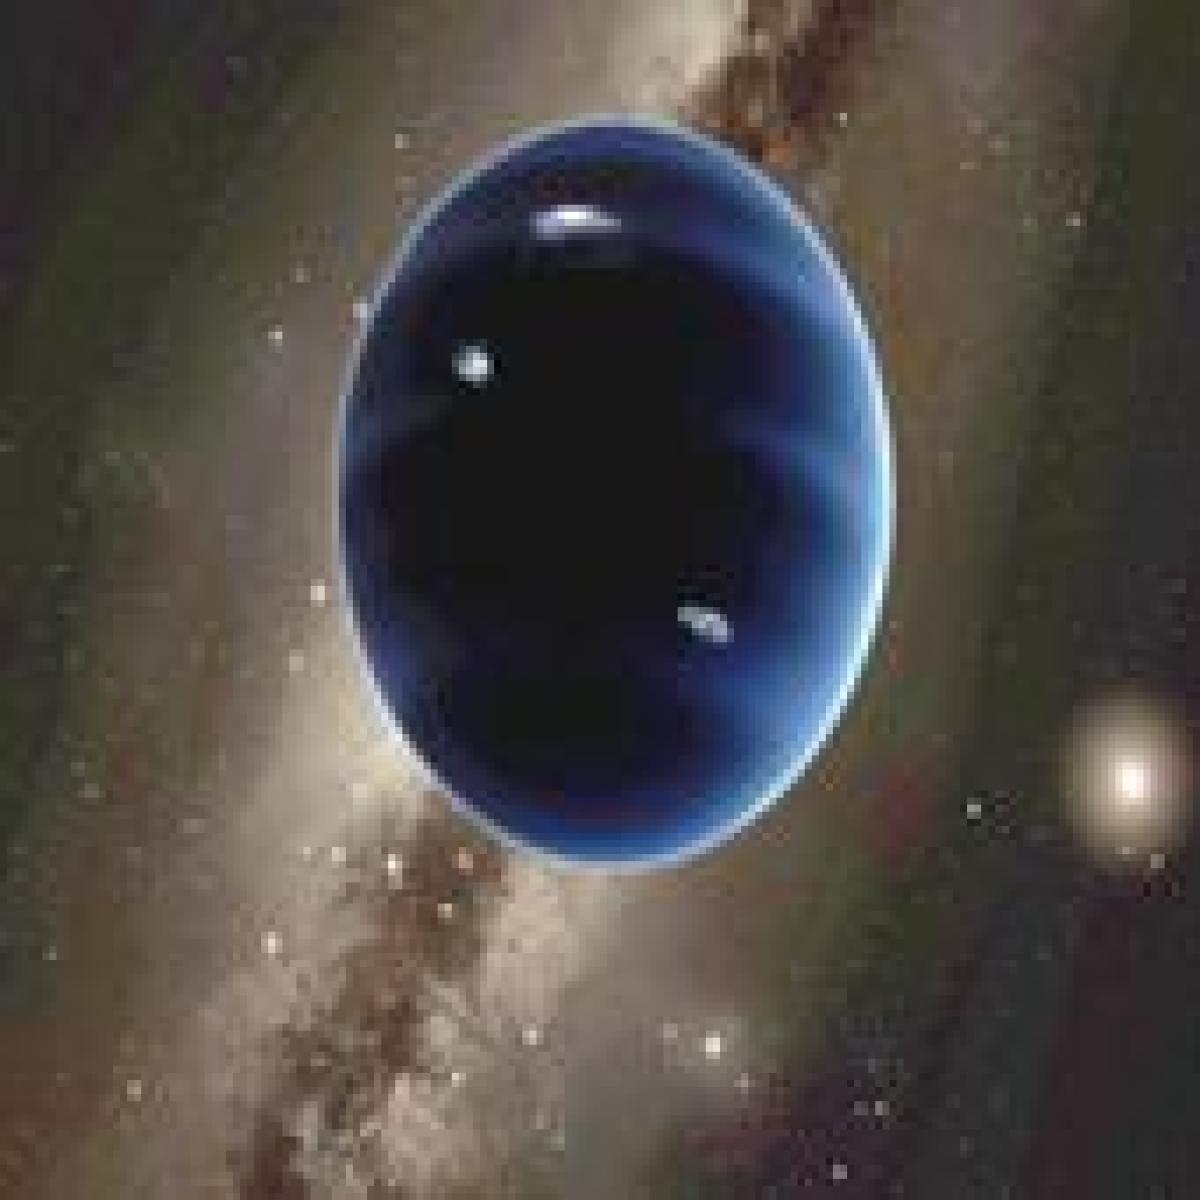 Second interstellar found in solar system